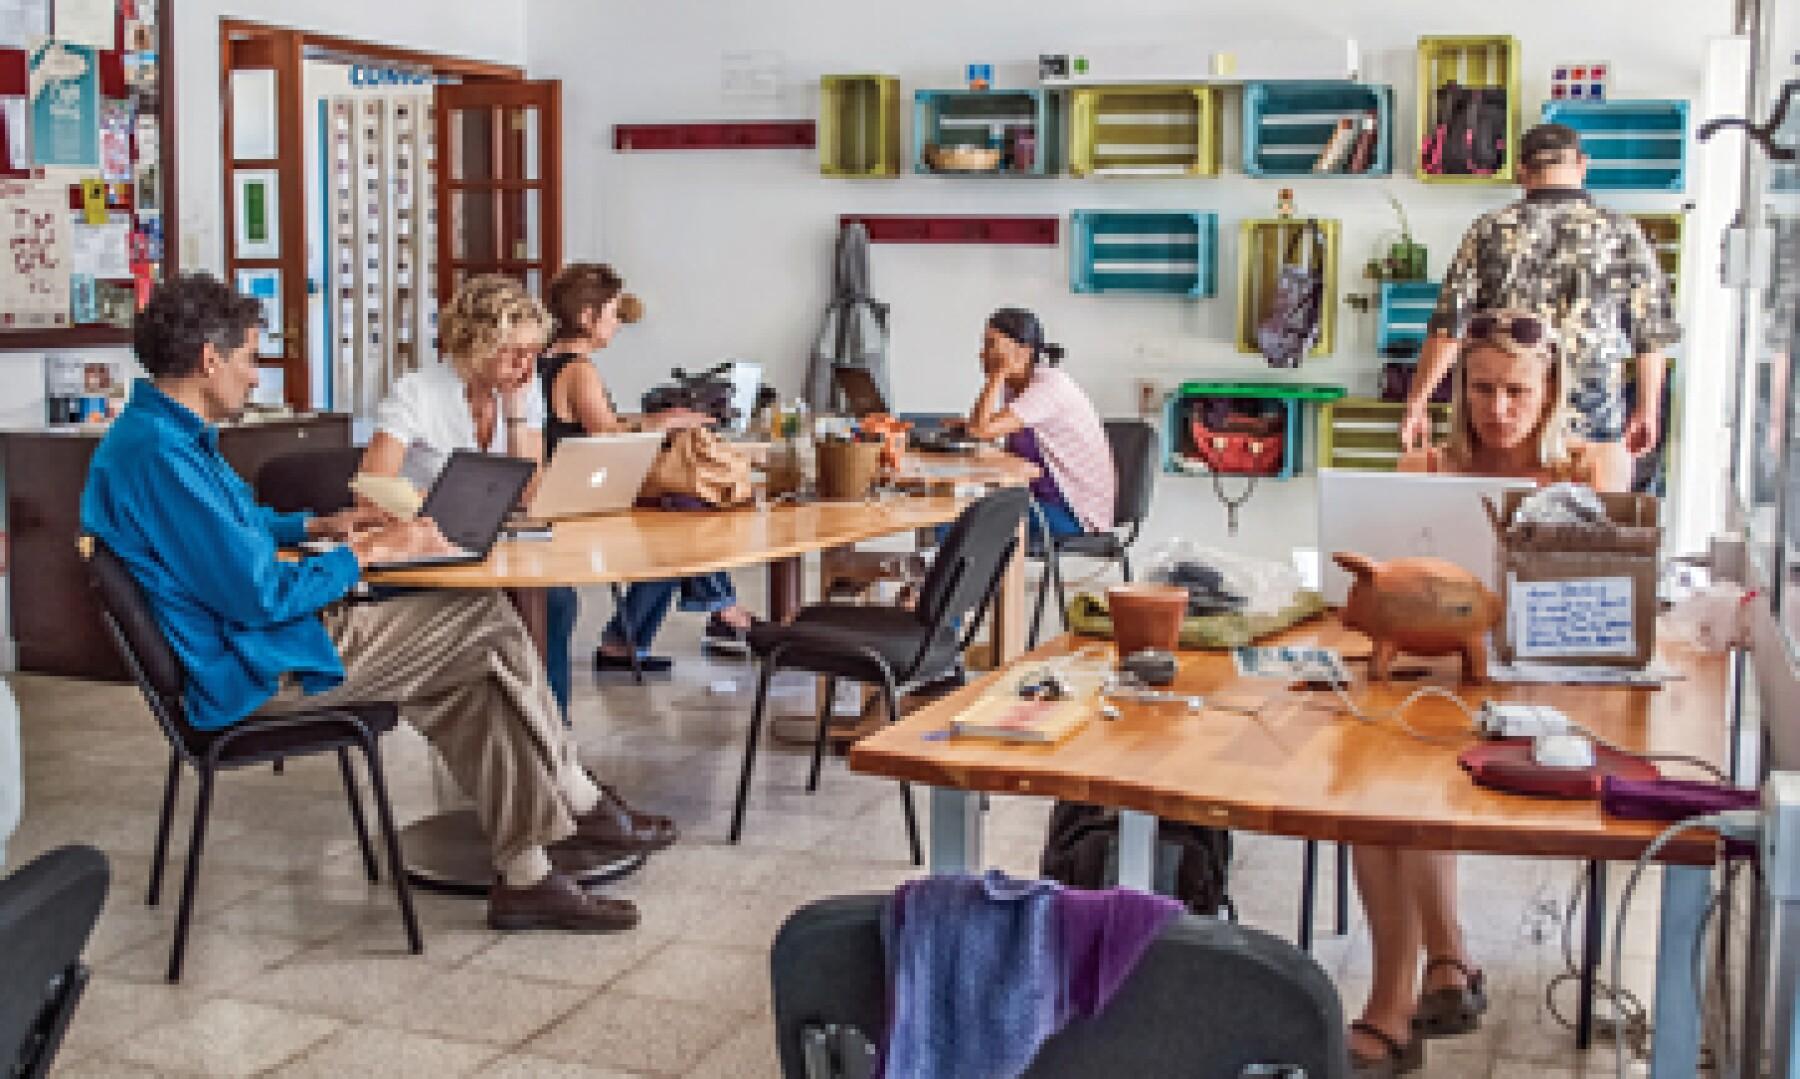 Impact Hub Oaxaca es una opción para las pequeñas empresas que buscan un lugar económico. (Foto: Mariana González)